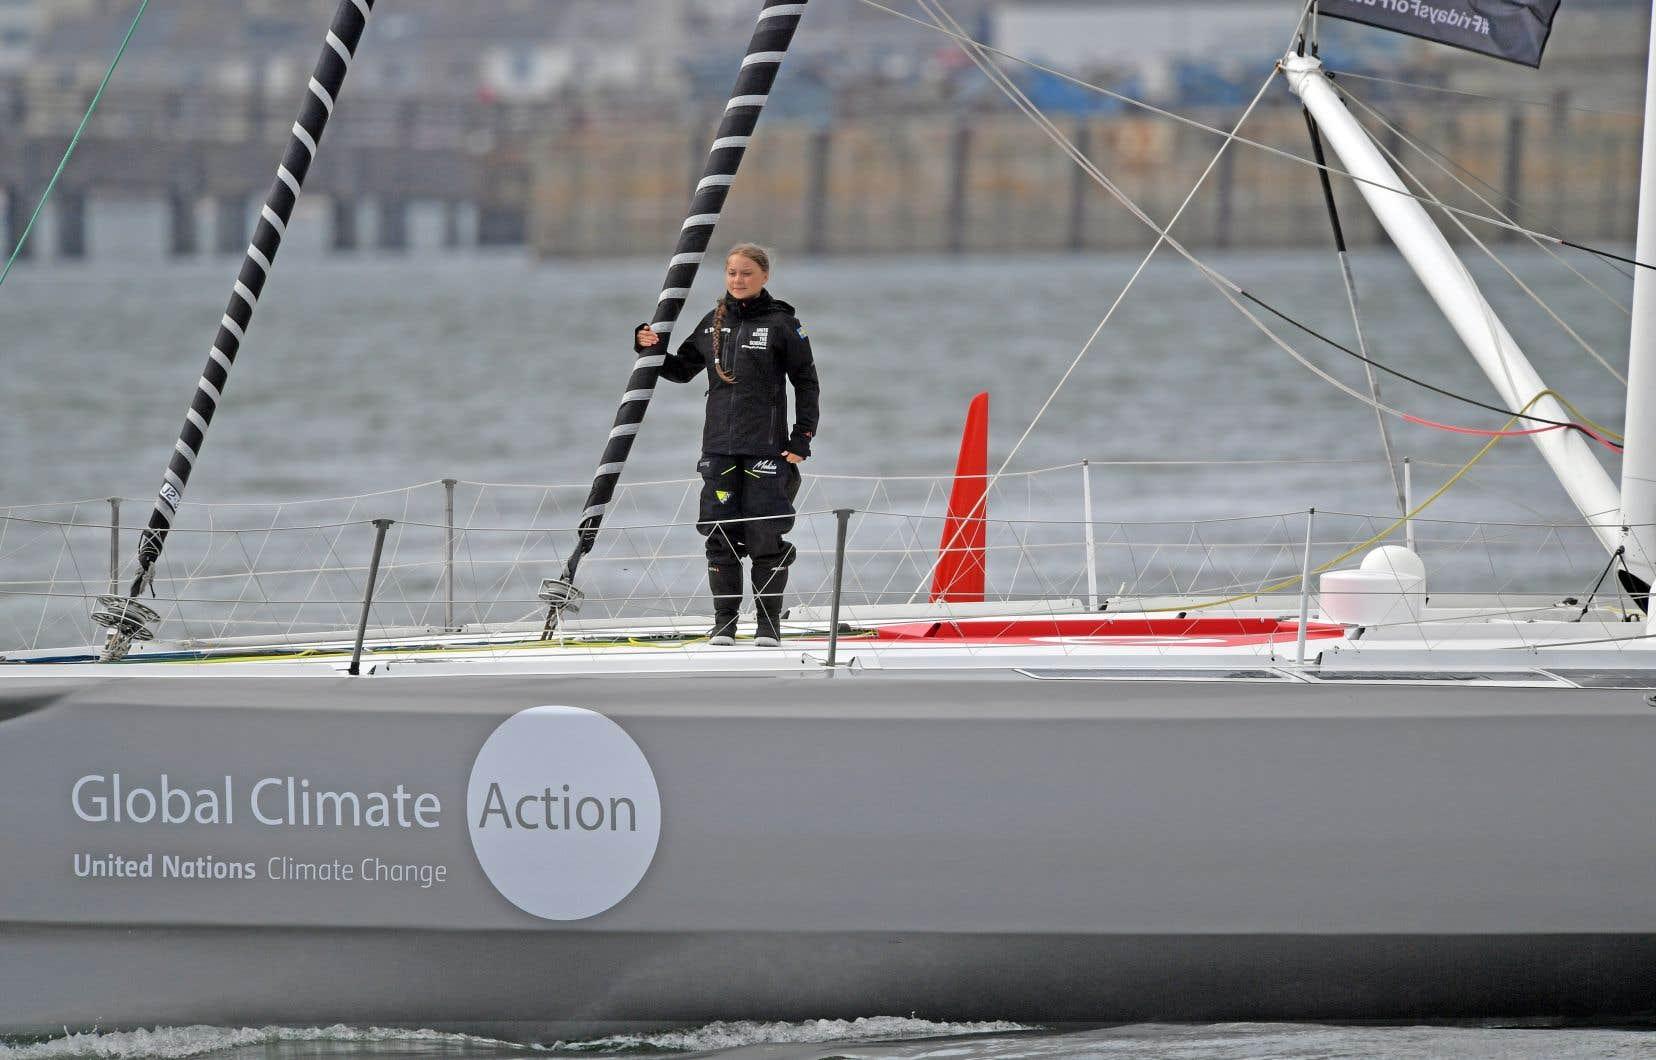 L'égérie de la lutte contre le réchauffement climatique, Greta Thunberg, à bord du voilier dans le port de Plymouth, en Angleterre, avant de prendre la mer vers New York, le 14août